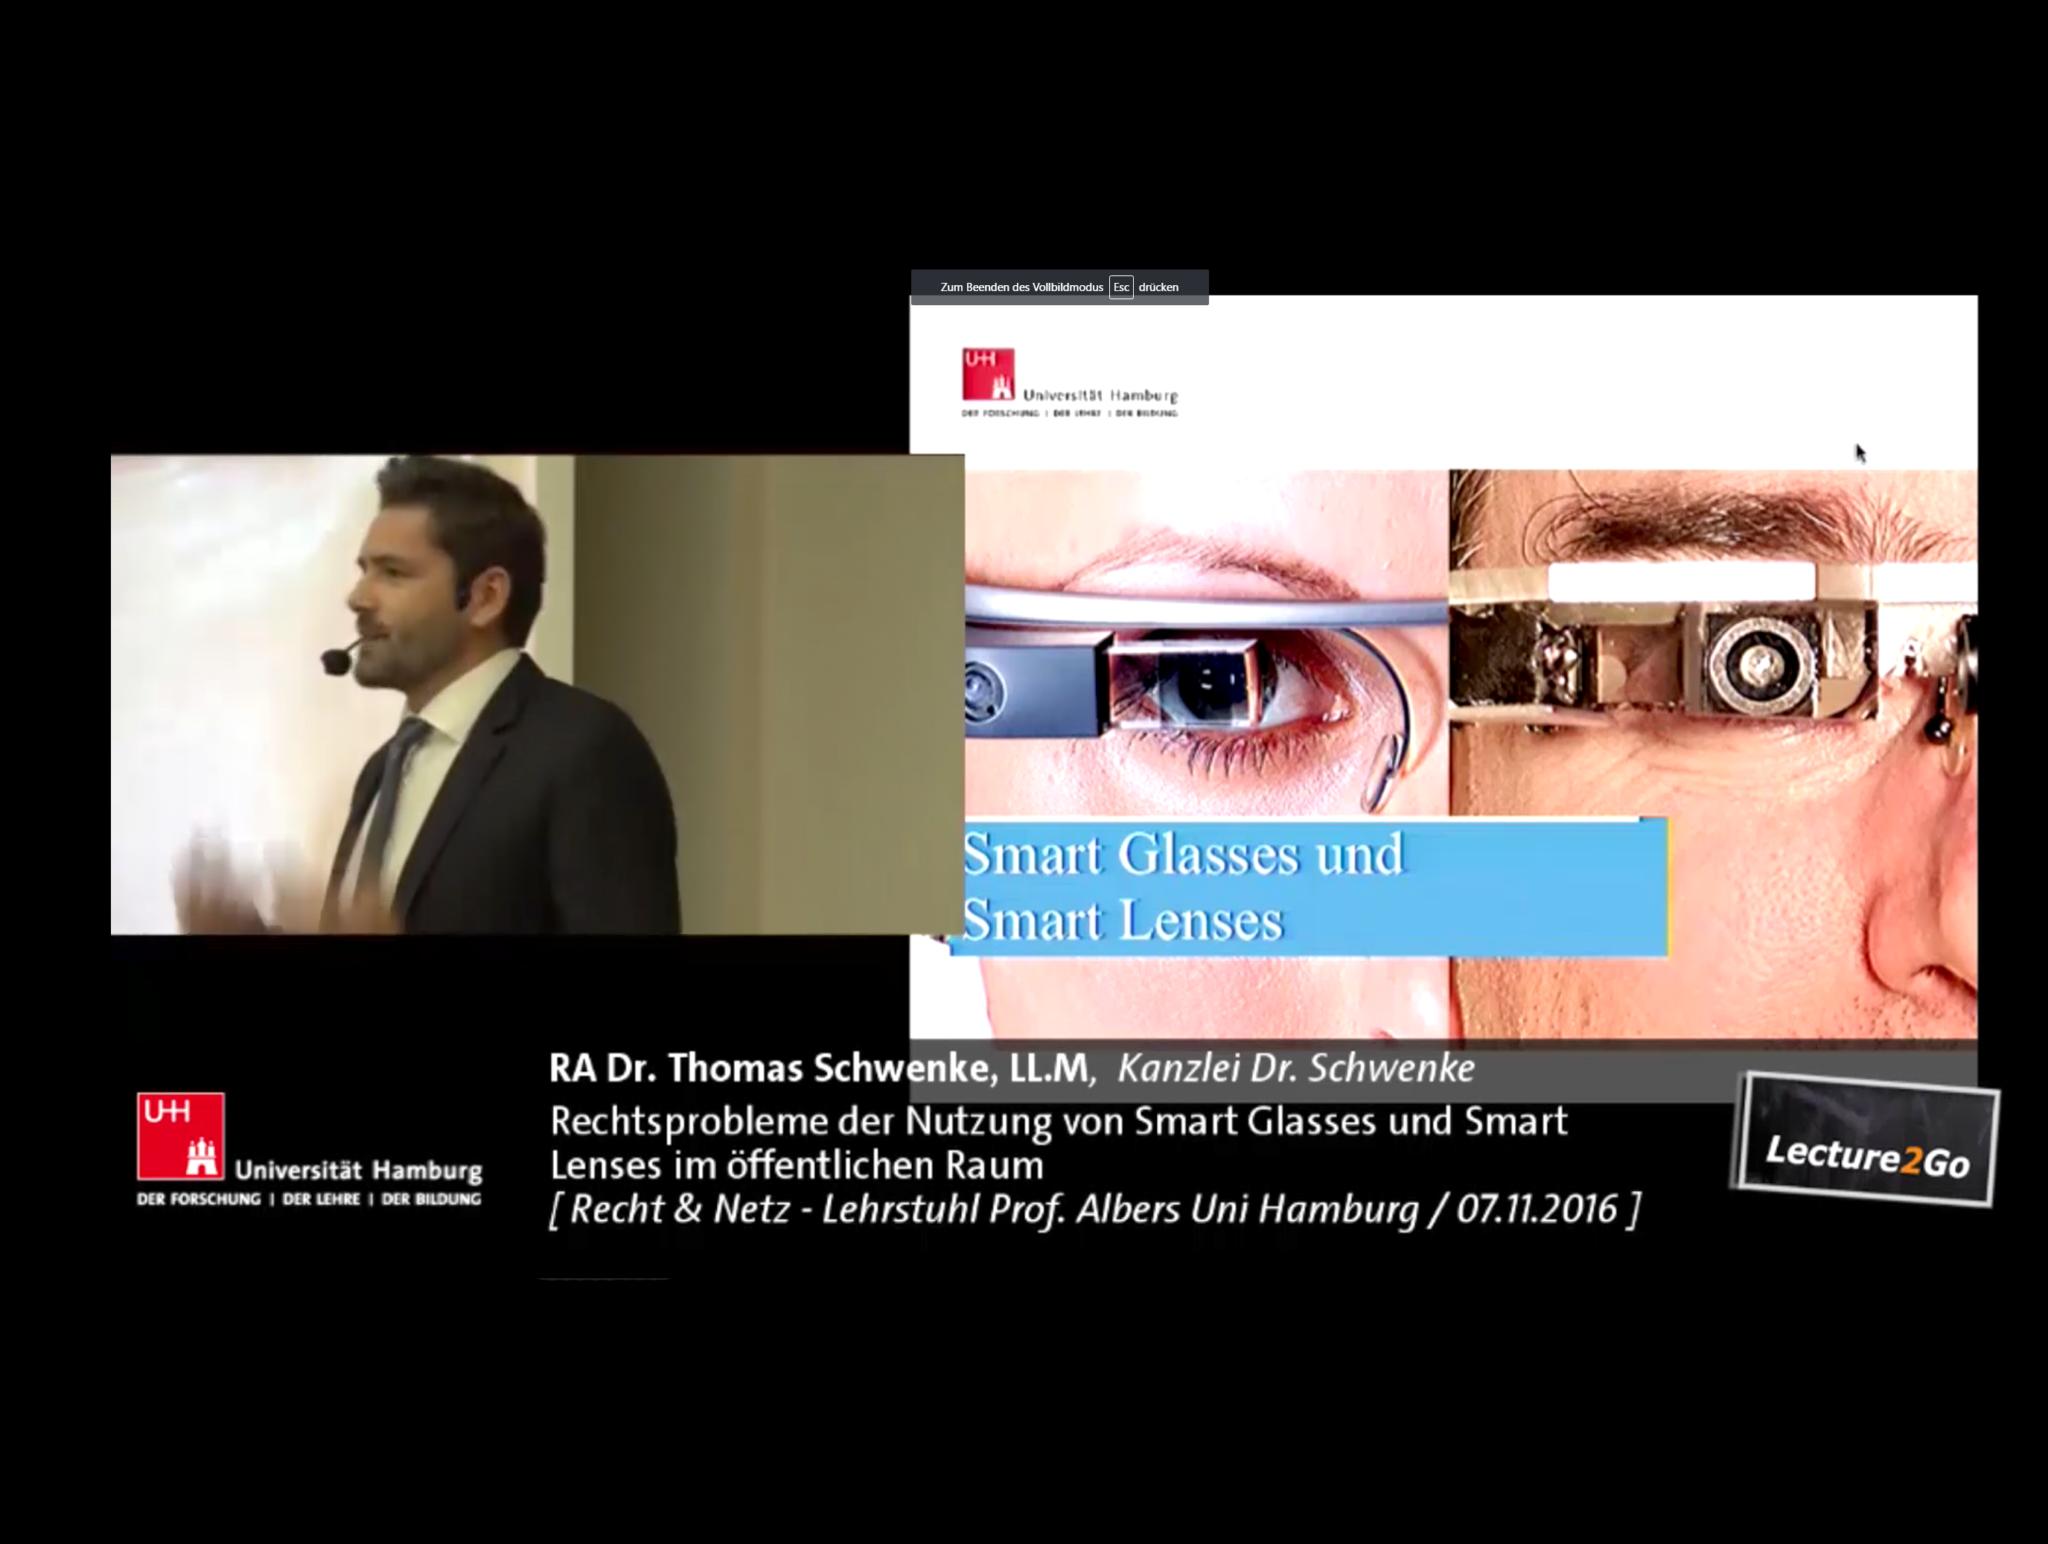 Videotipp: Rechtsprobleme der Nutzung von Smart Glasses und Smart Lenses – Augmented Reality und Privatsphäre